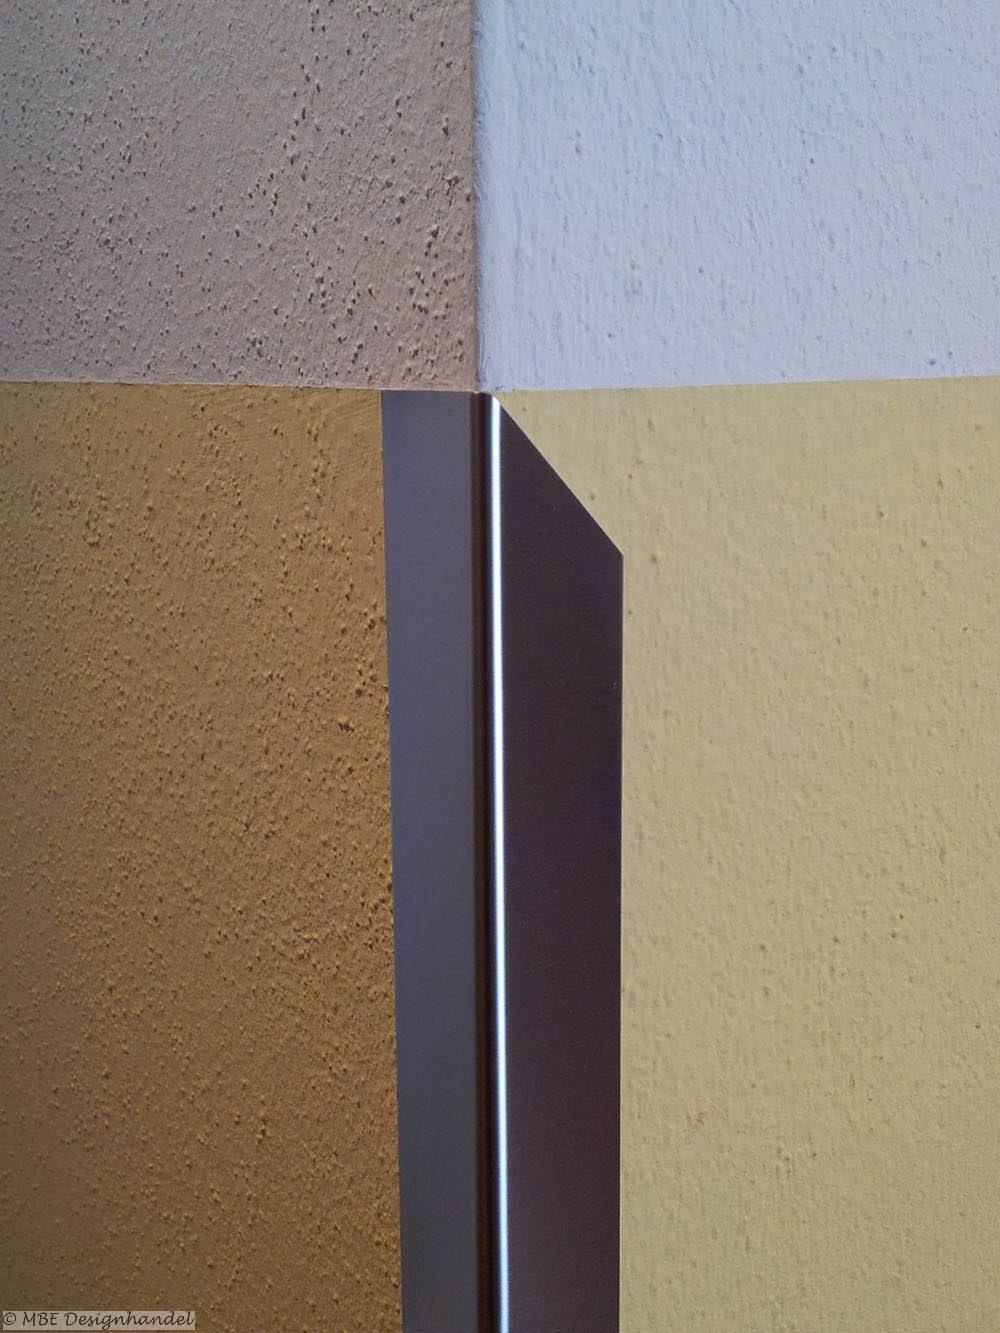 edelstahl kantenschutz - halbspitz rechts, 40x40x1000mm, 1mm stark